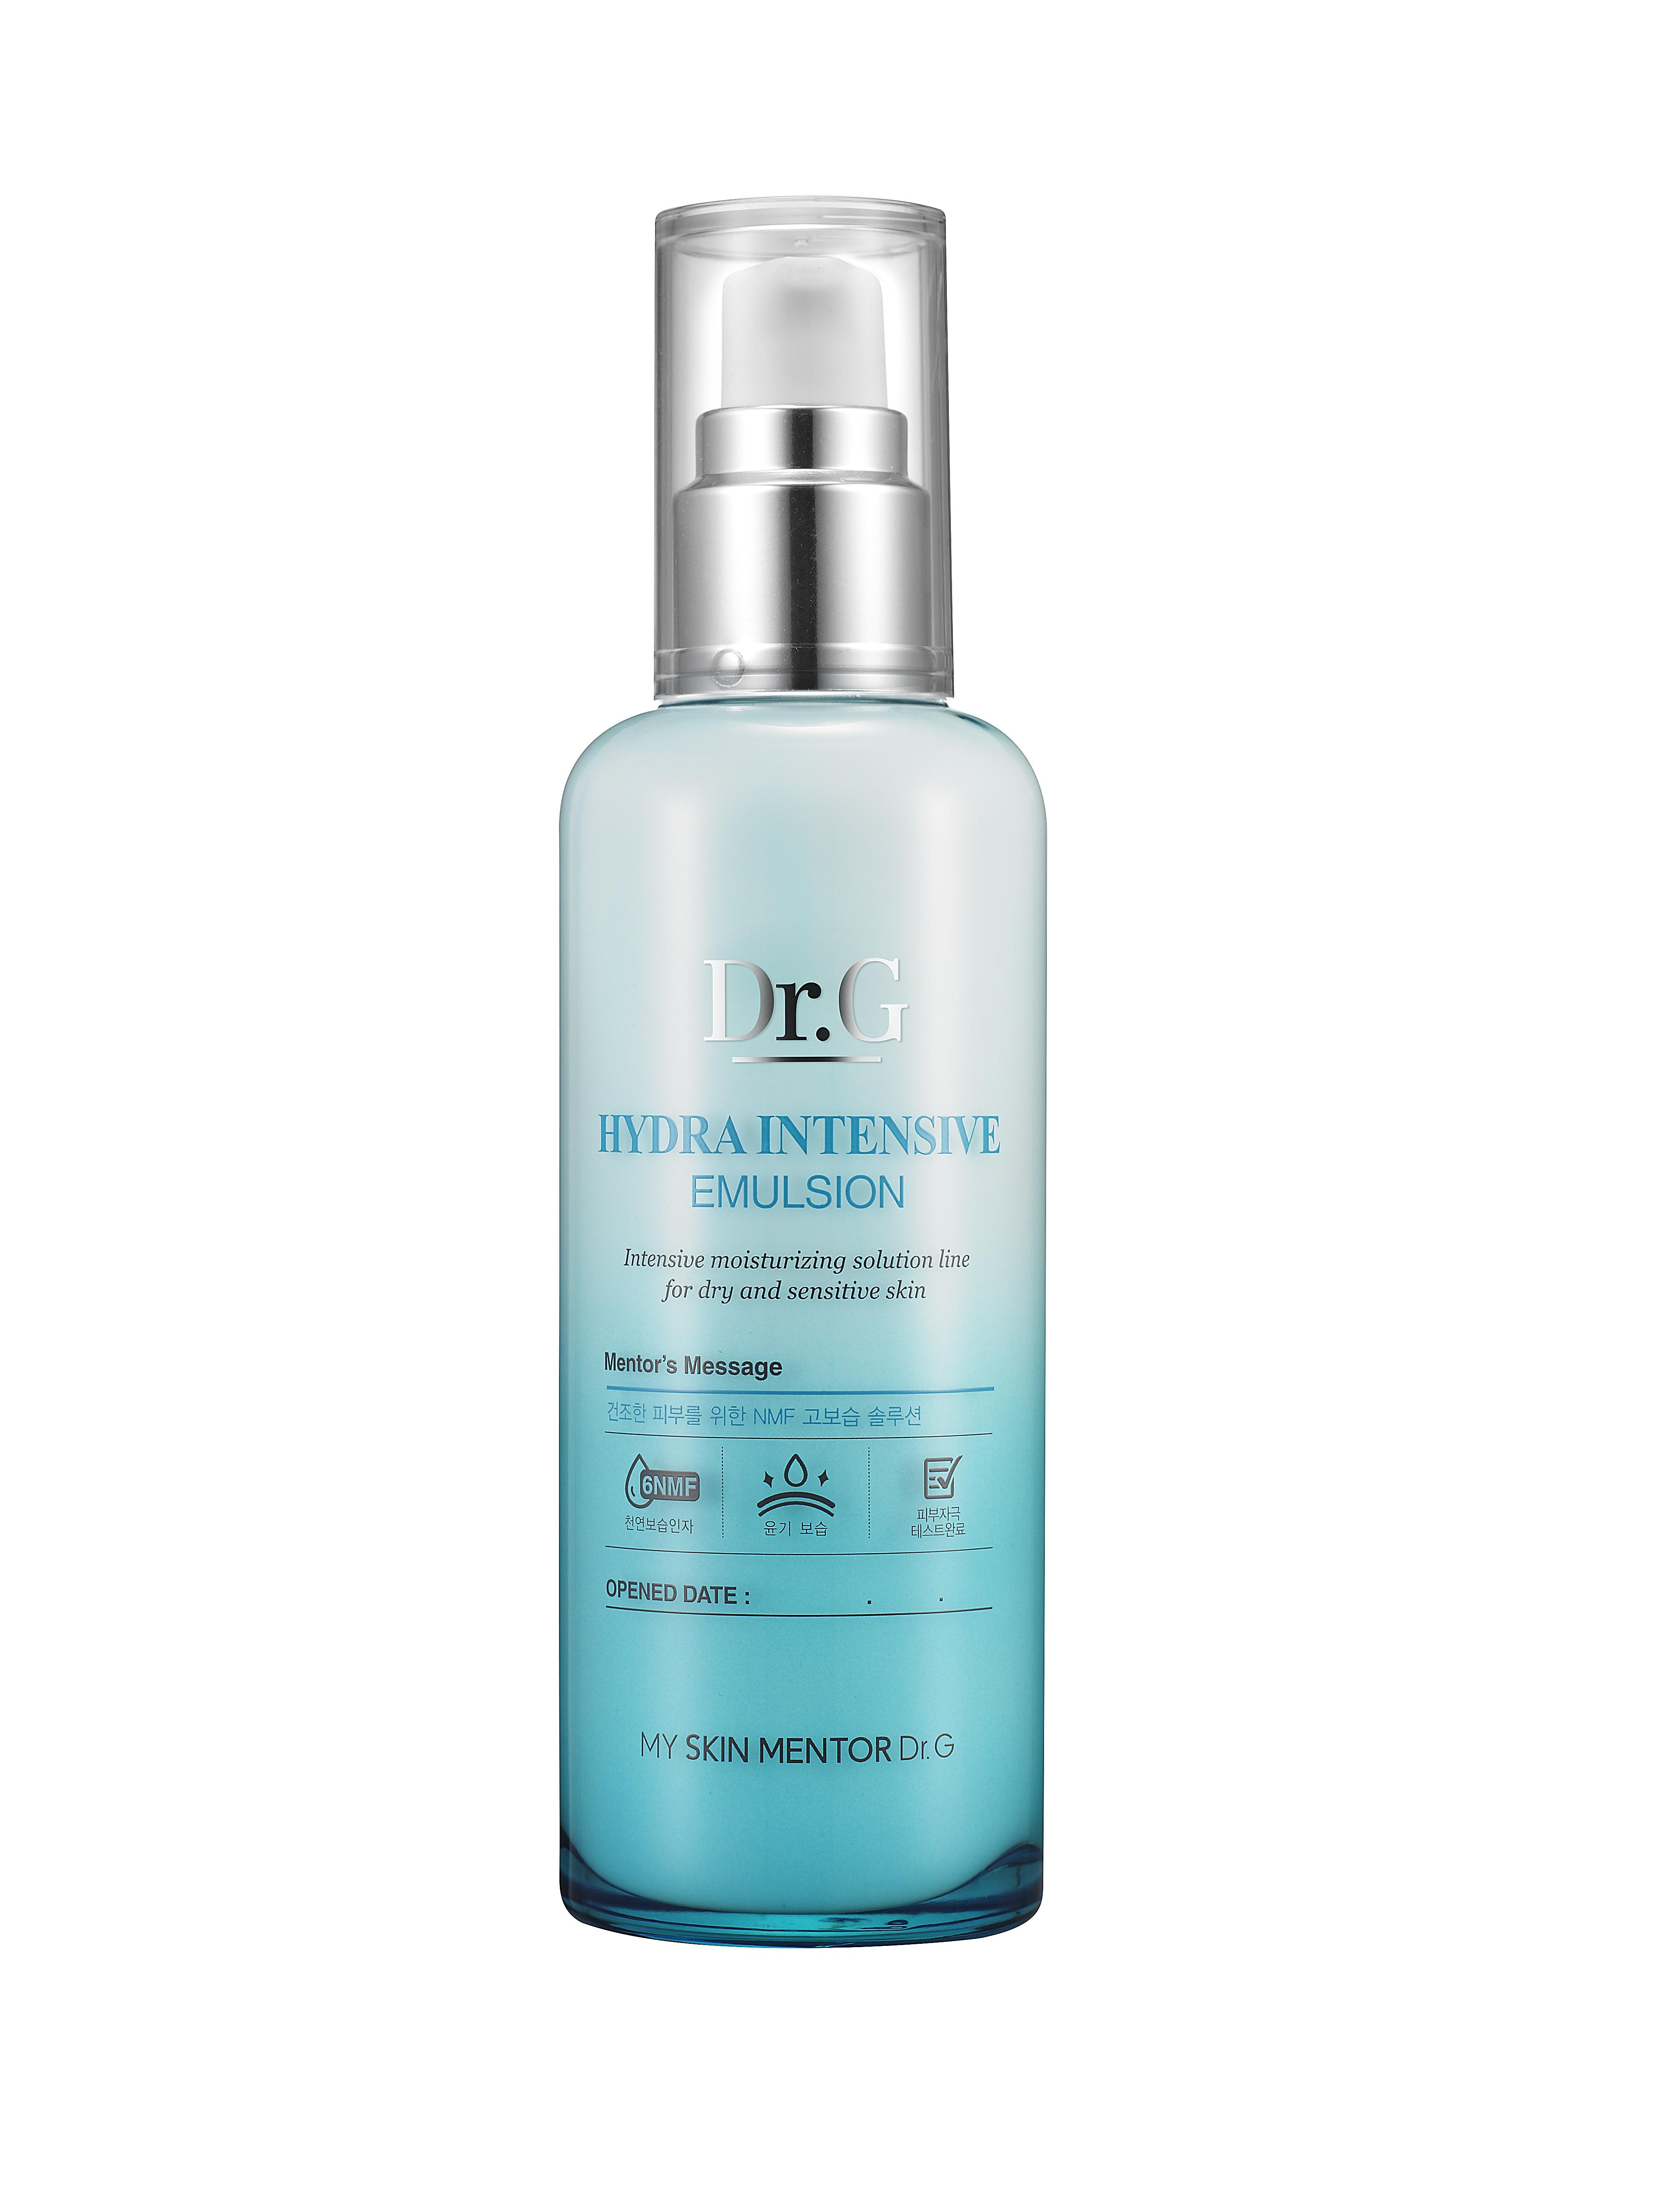 Dr. G Пенка для умывания очищающий увлажняющий Hydra, 120 млDG137343Пенка для интенсивного увлажнения и очищения кожи лица с усиленным NMF (натуральным увлажняющим фактором). Создает богатую густую пену. Оптимизирует влагообмен. Нейтрализует раздражение при чувствительной коже. NMF улучшает роговой слой и внешний вид кожи. Борется с воспалением и краснотой. Придает коже бархатистость и гладкость. Пенка насыщена экстрактами сосны и юкки, а также маслом виноградных косточек. Экстракт сосны является сильным антиоксидантом, улучшает состояние сосудов и предотвращает разрушение коллагена и эластина. Экстракт юкки содержит стероидные сапонины, полифенолы флавоноидной структуры. Обладает противовоспалительным эффектом, «ловит» свободные радикалы. Масло виноградных косточек регулирует саловыделение, сужает поры, при этом выравнивая тон и улучшает кожный покров. Не содержит содиум лаурил сульфата (SLS).